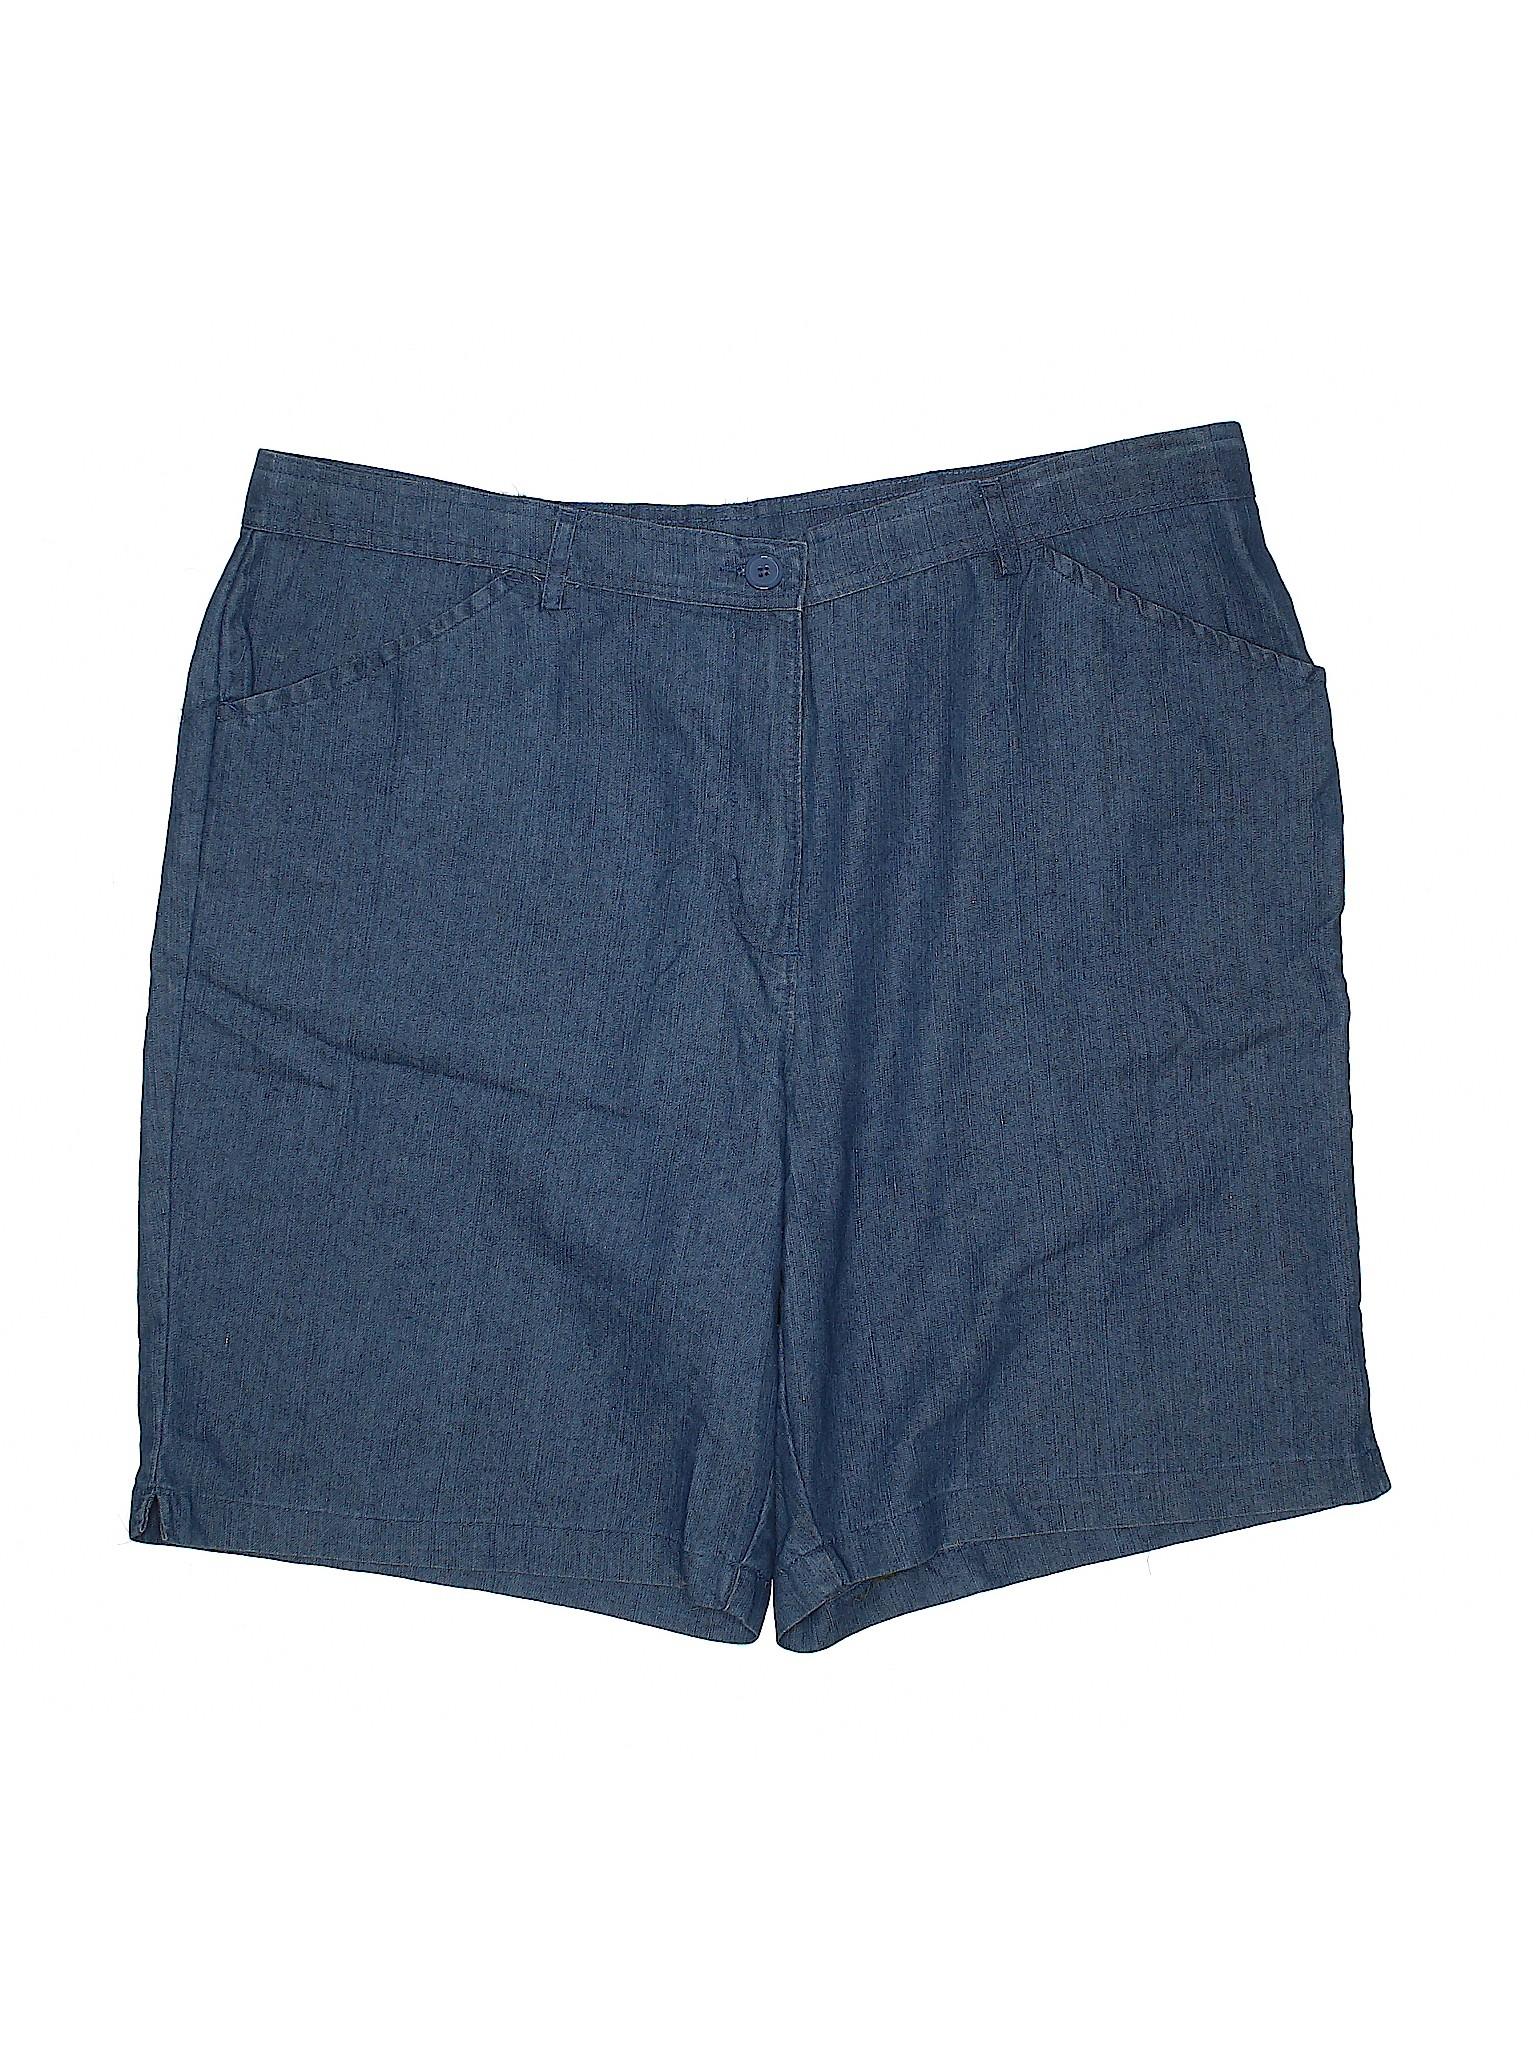 Boutique Denim Shorts White Stag Boutique Shorts Shorts White Boutique Denim Stag White Stag Denim rgr7qO